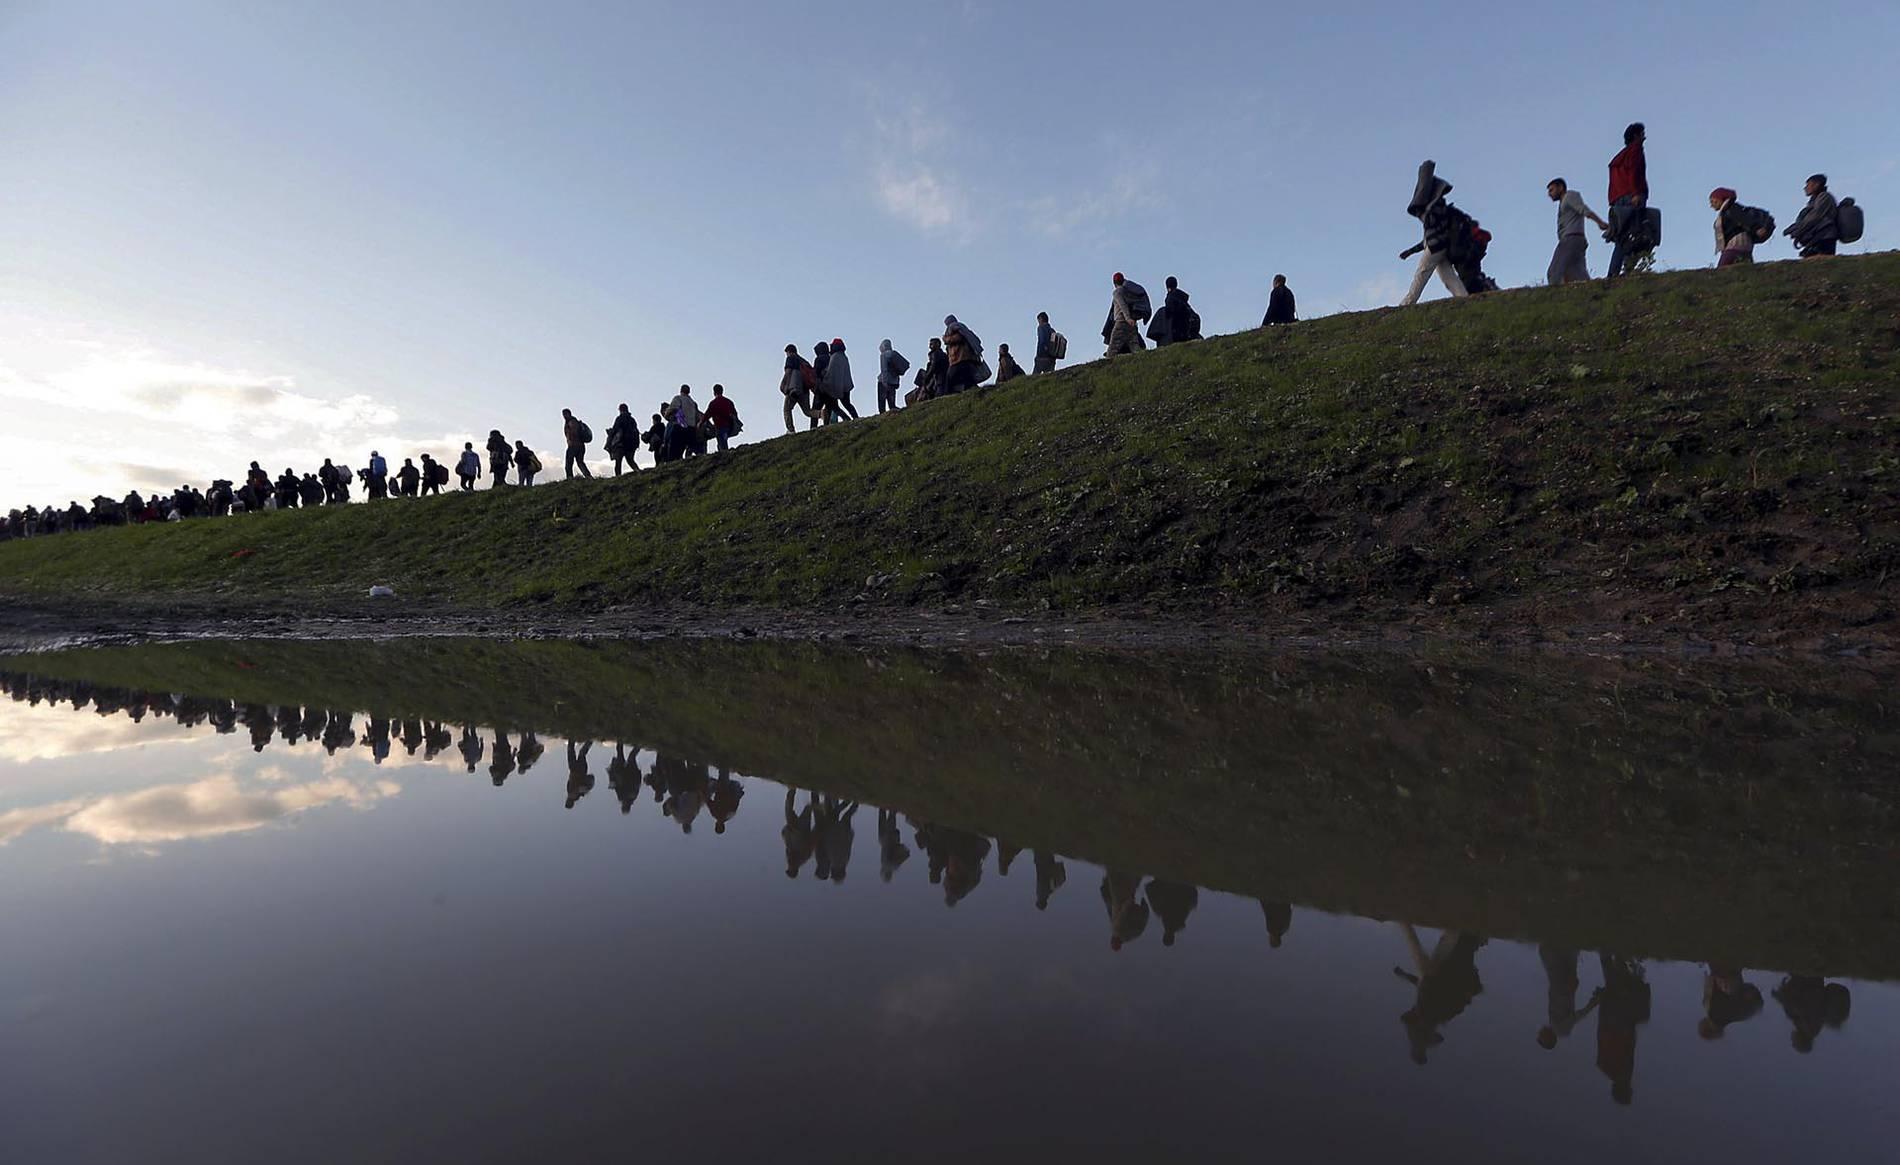 En la categoría de fotografía fueron premiadas dos coberturas de la crisis de refugiados en Europa y su tortuoso viaje en busca de asilo, a cargo de The New York Times y la agencia Reuters.